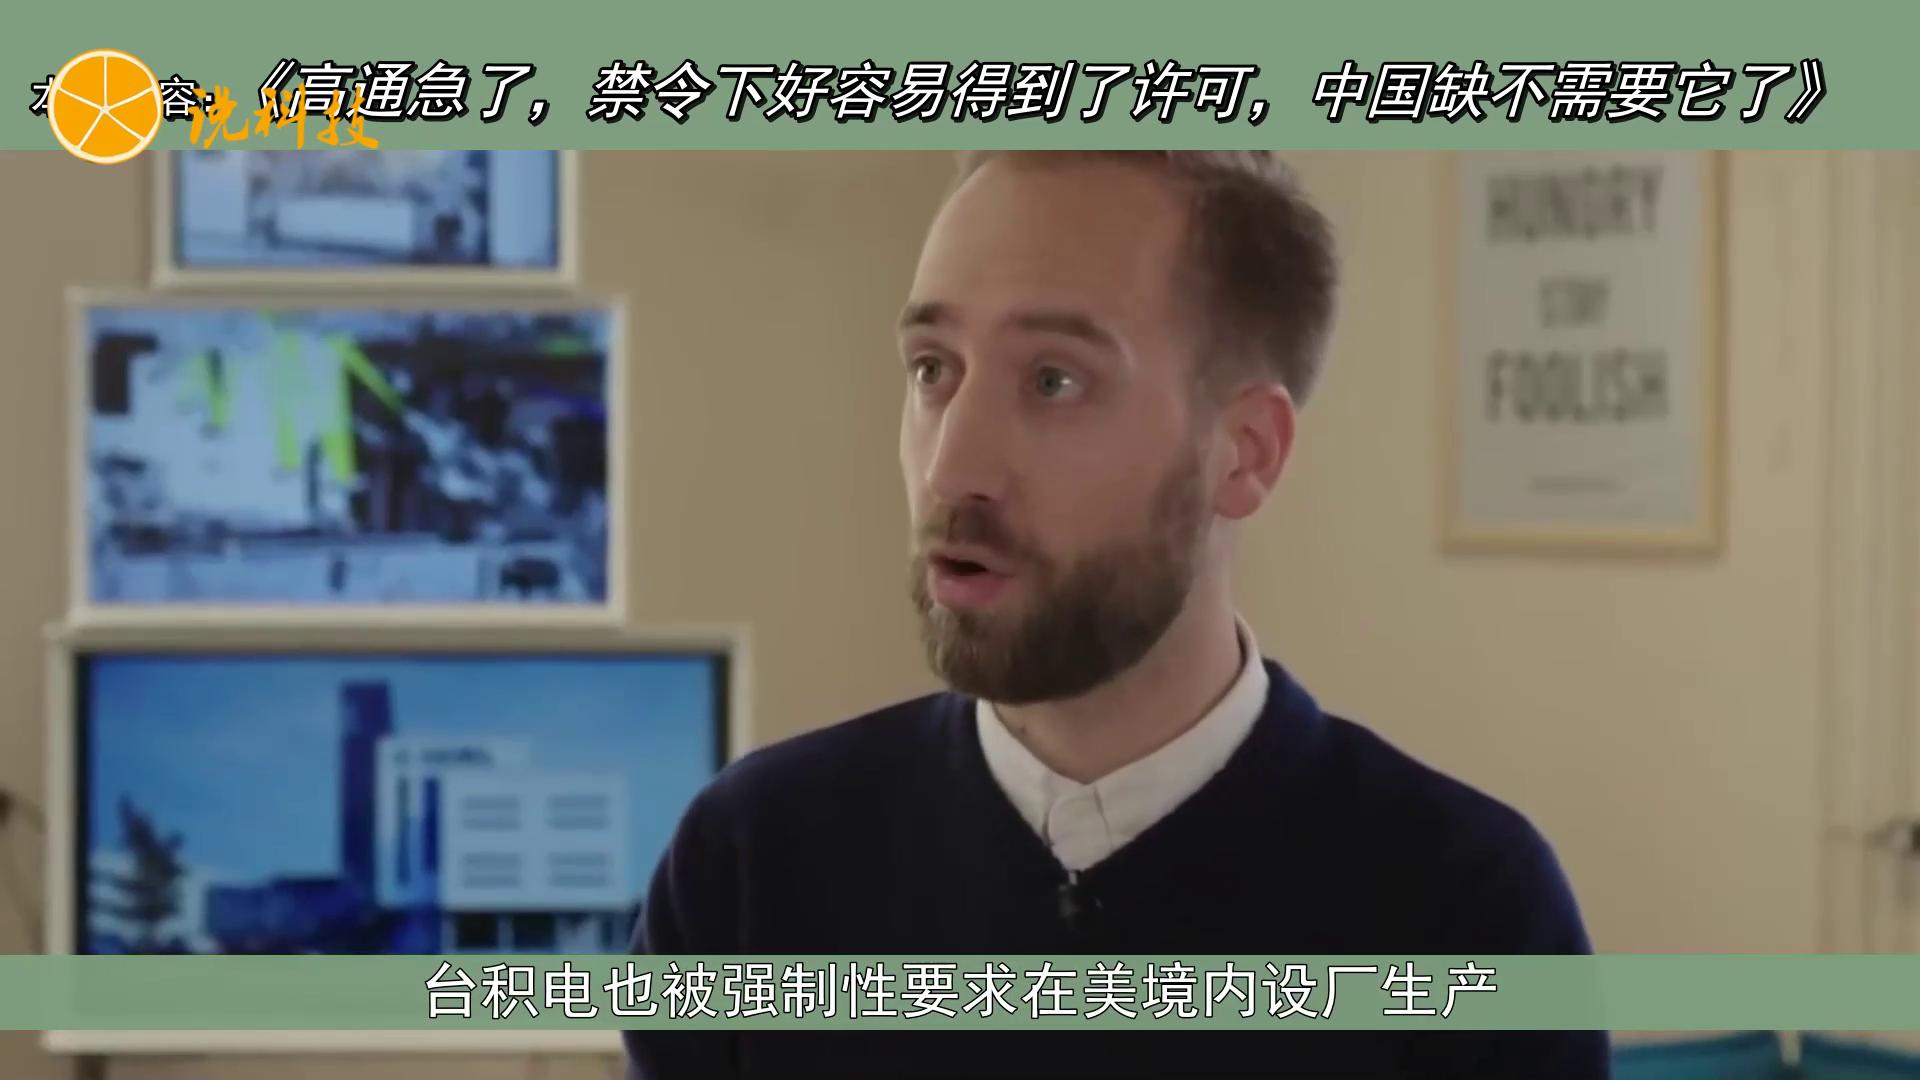 高通急了,禁令下好容易得到了许可,中国缺不需要它了